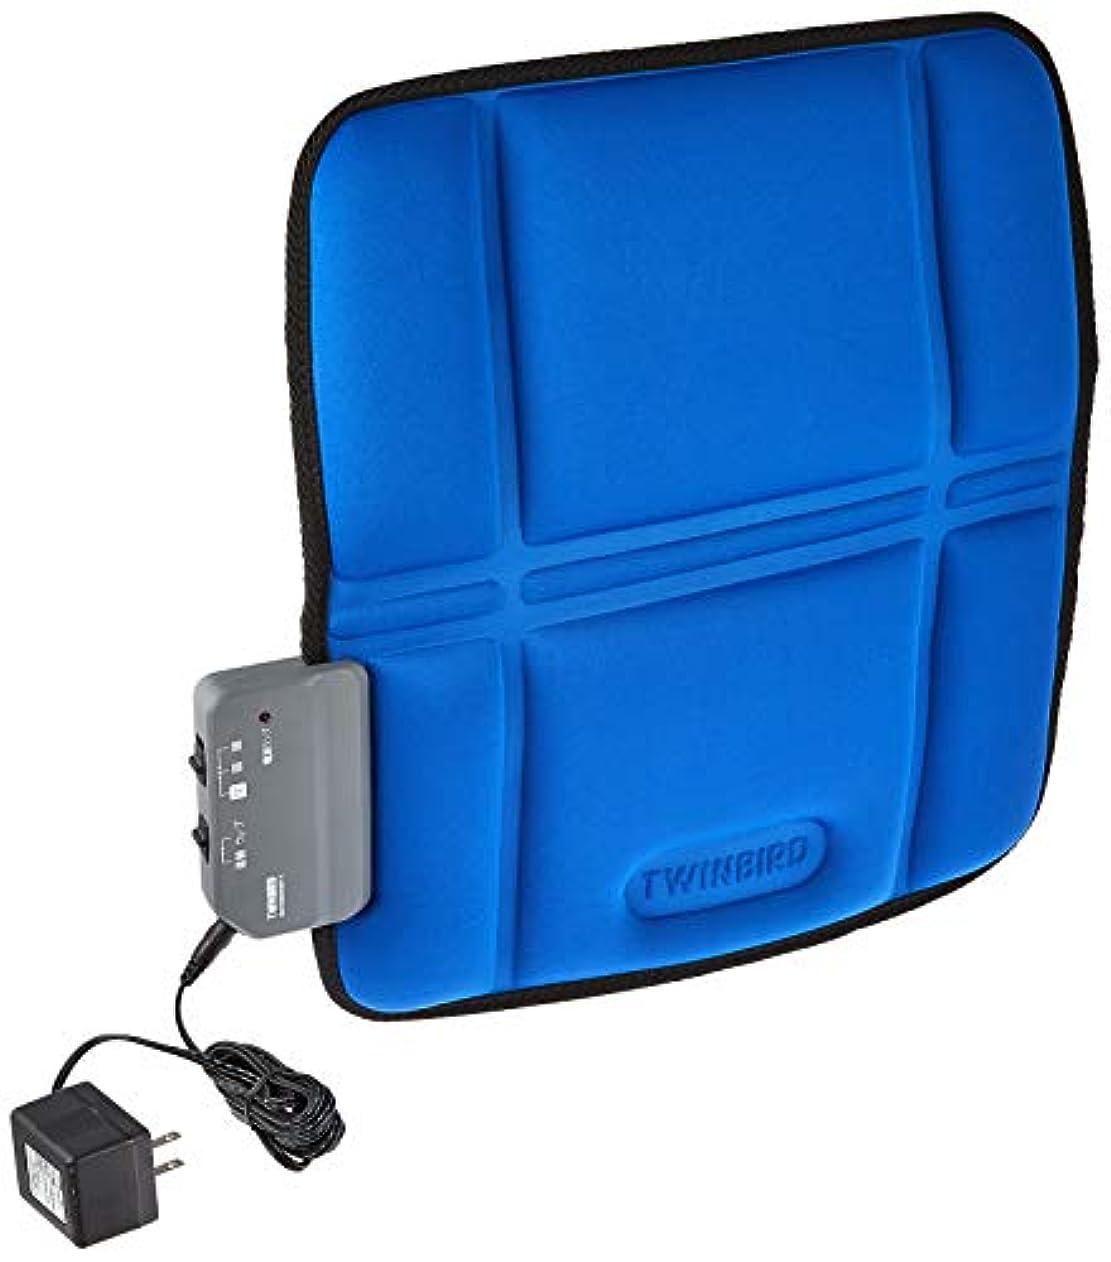 コスチュームメドレー適応するツインバード シートマッサージャーS ブルー EM-2535BL